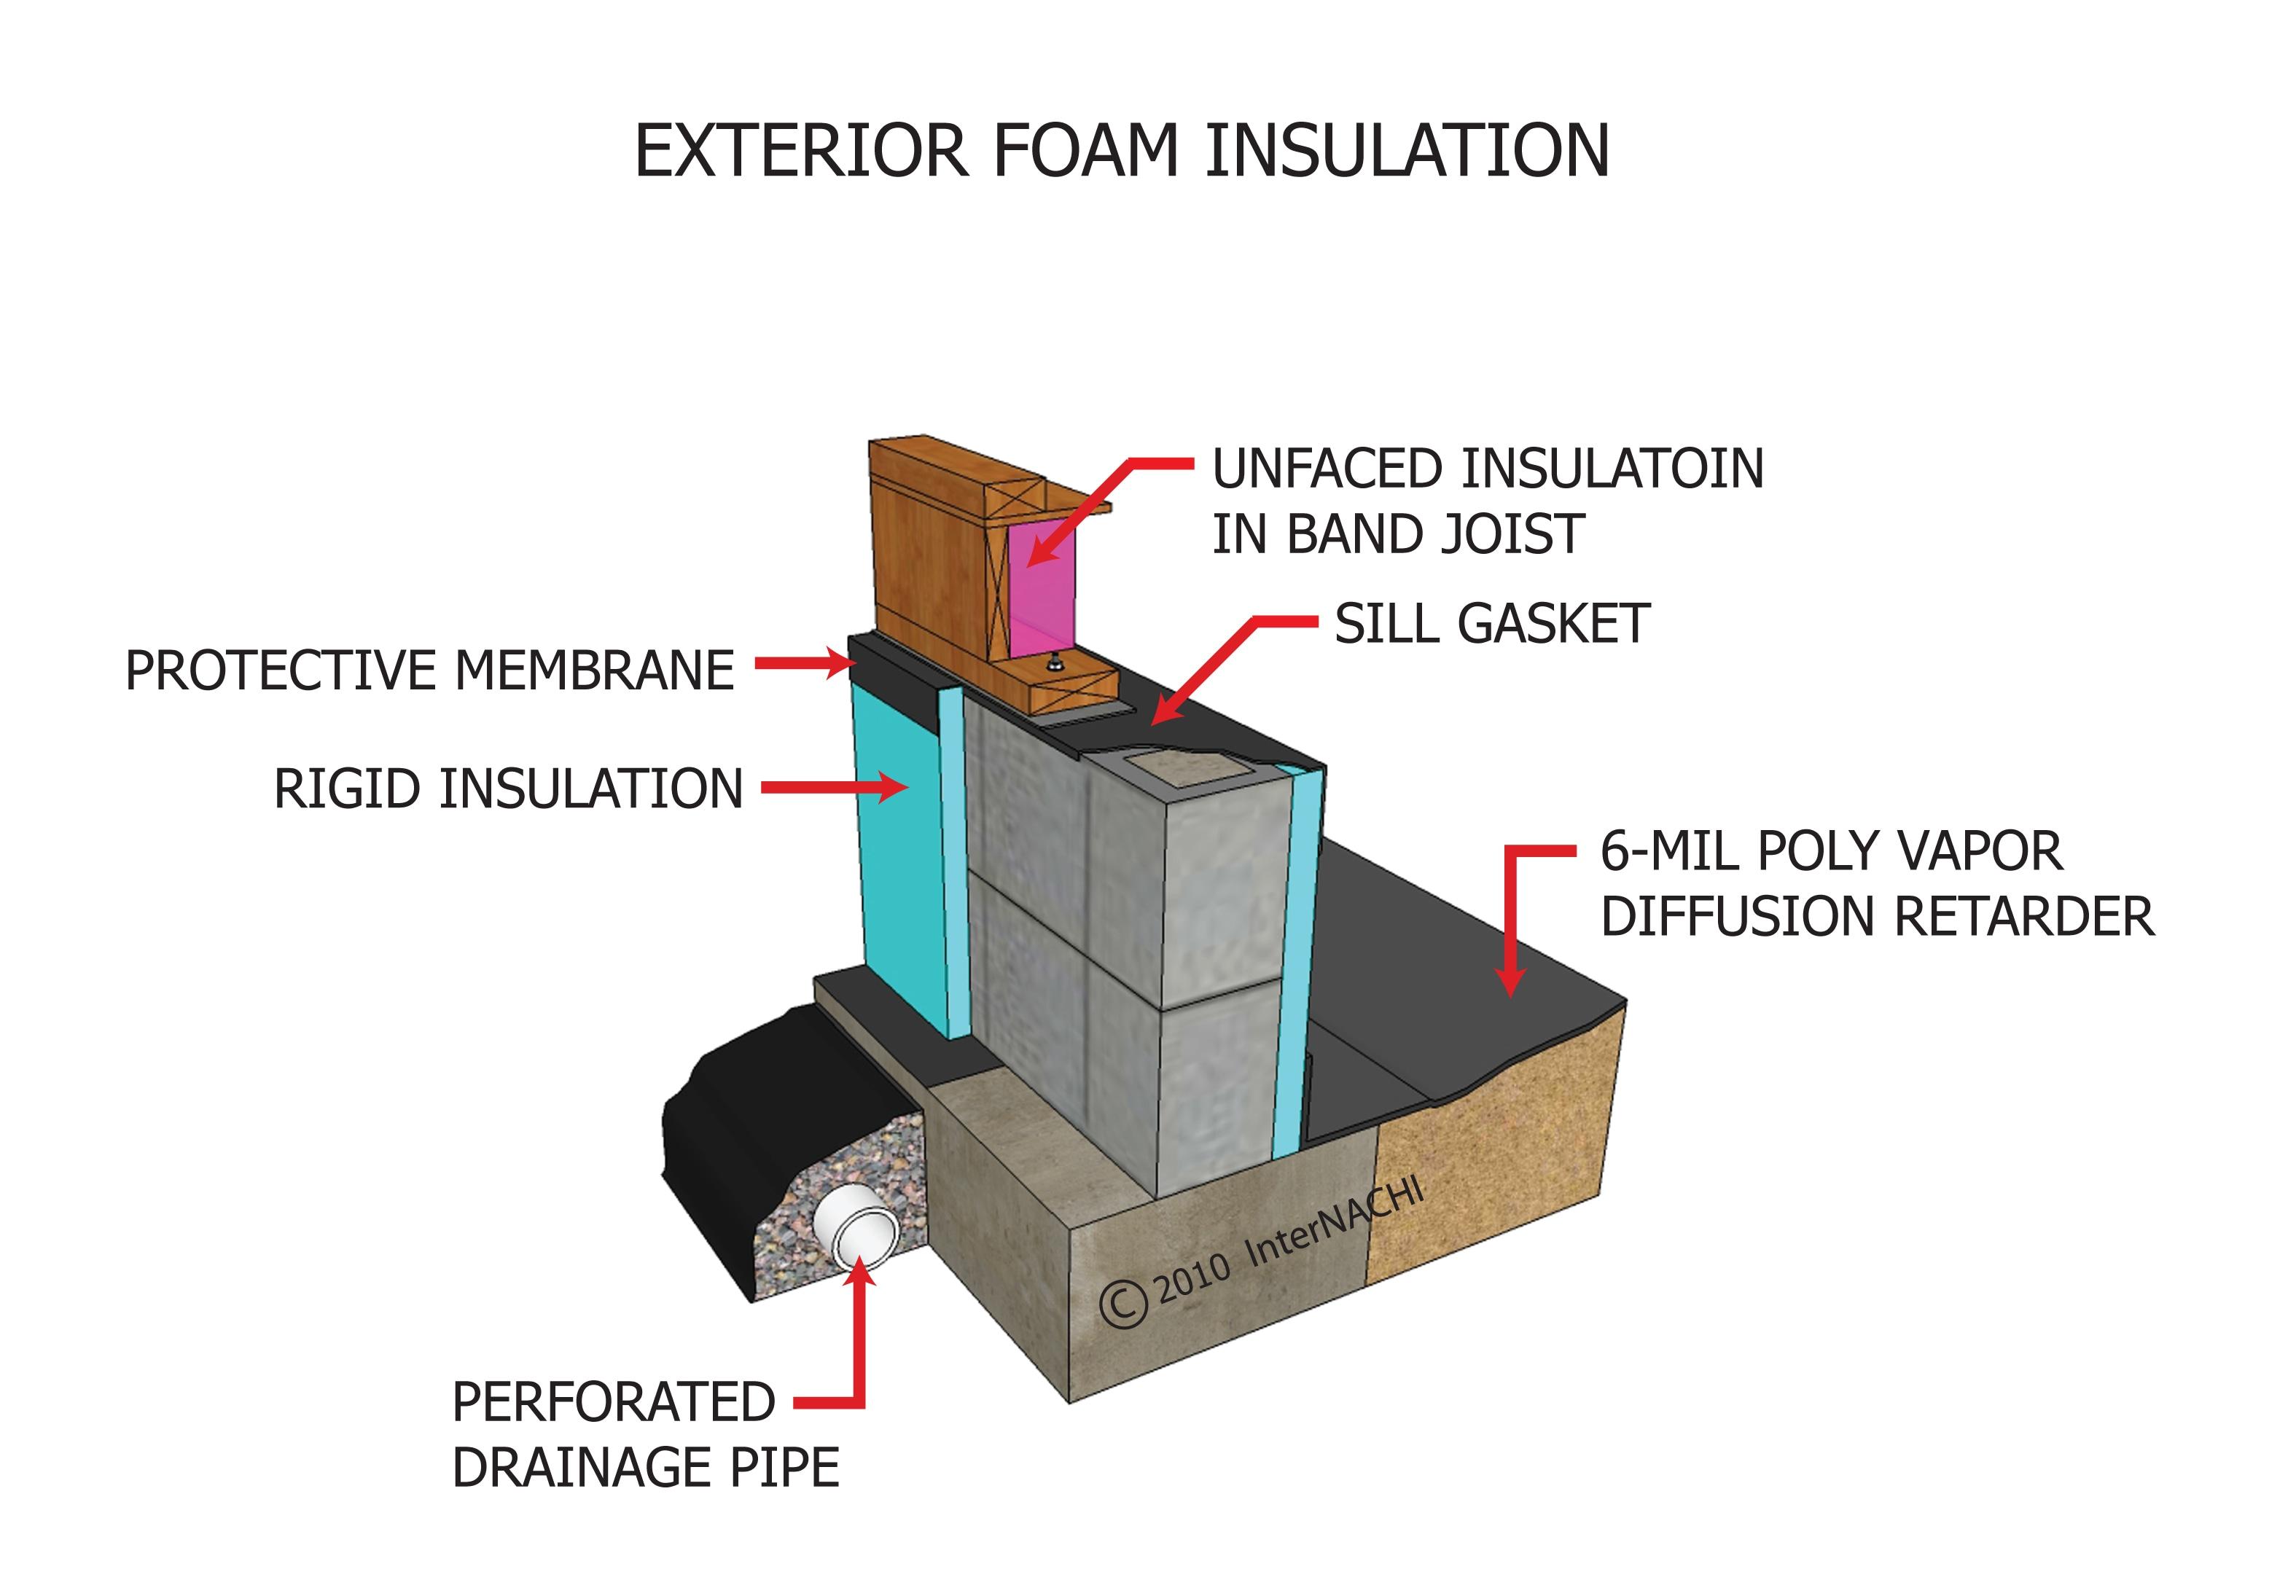 Exterior foam insulation.